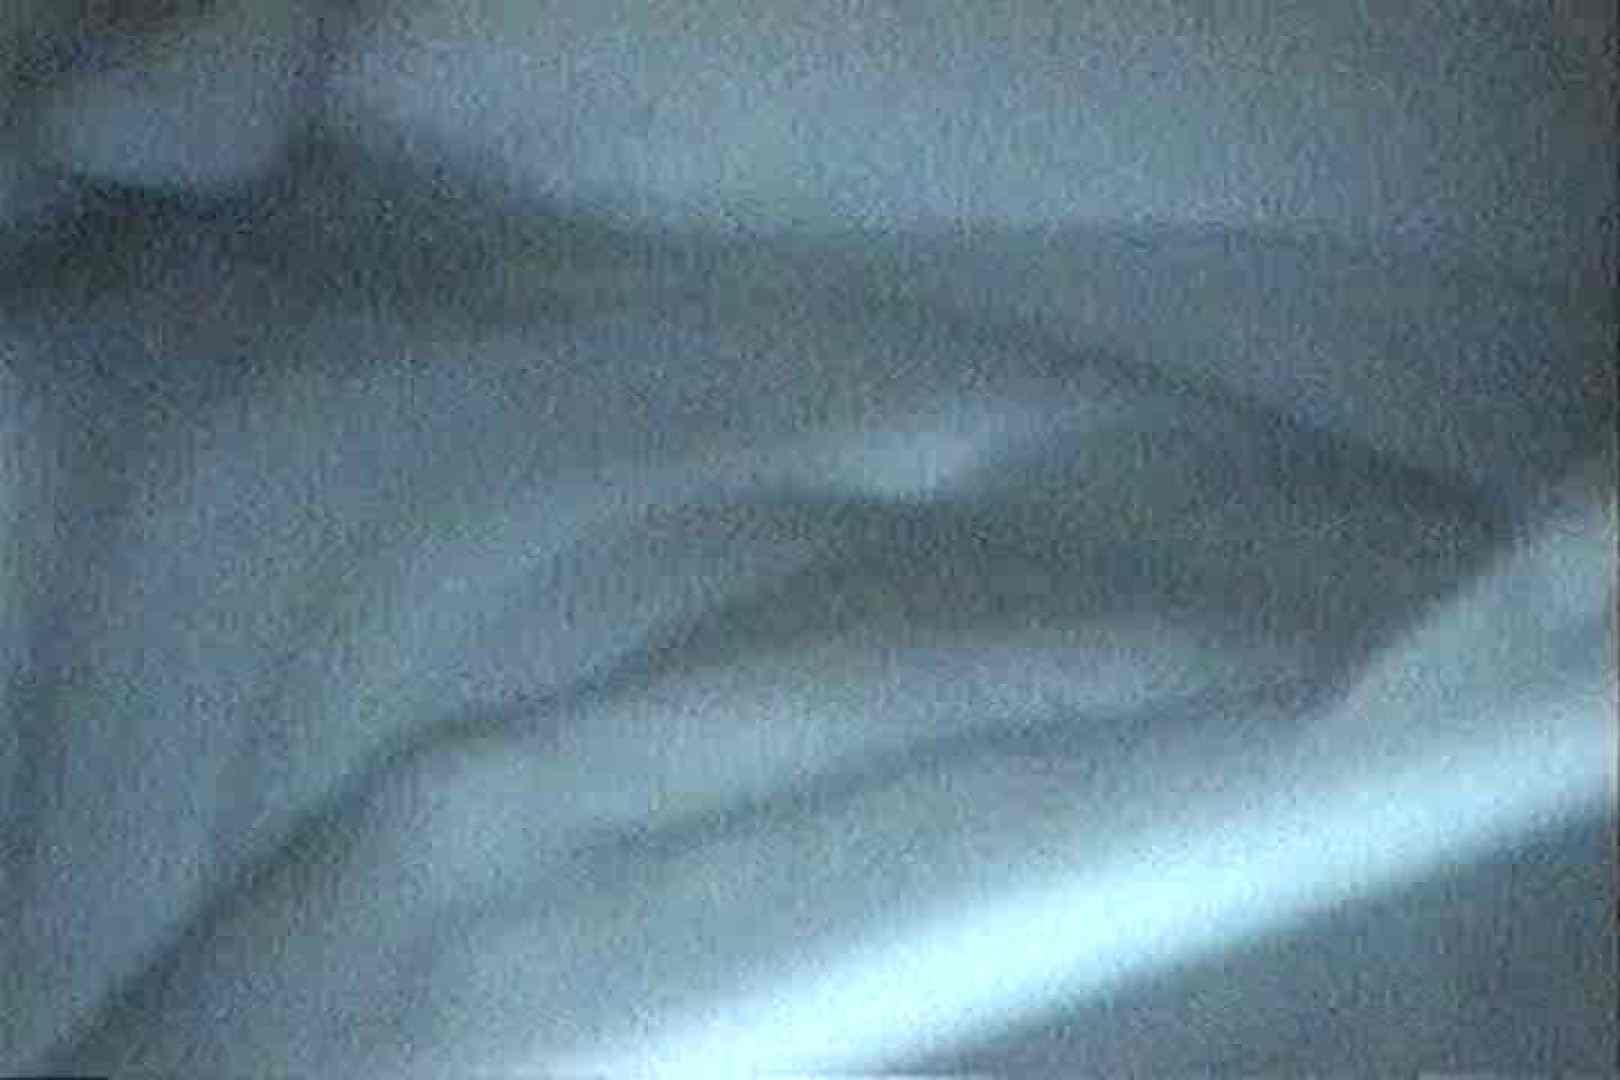 充血監督の深夜の運動会Vol.154 カップル盗撮 SEX無修正画像 61画像 2